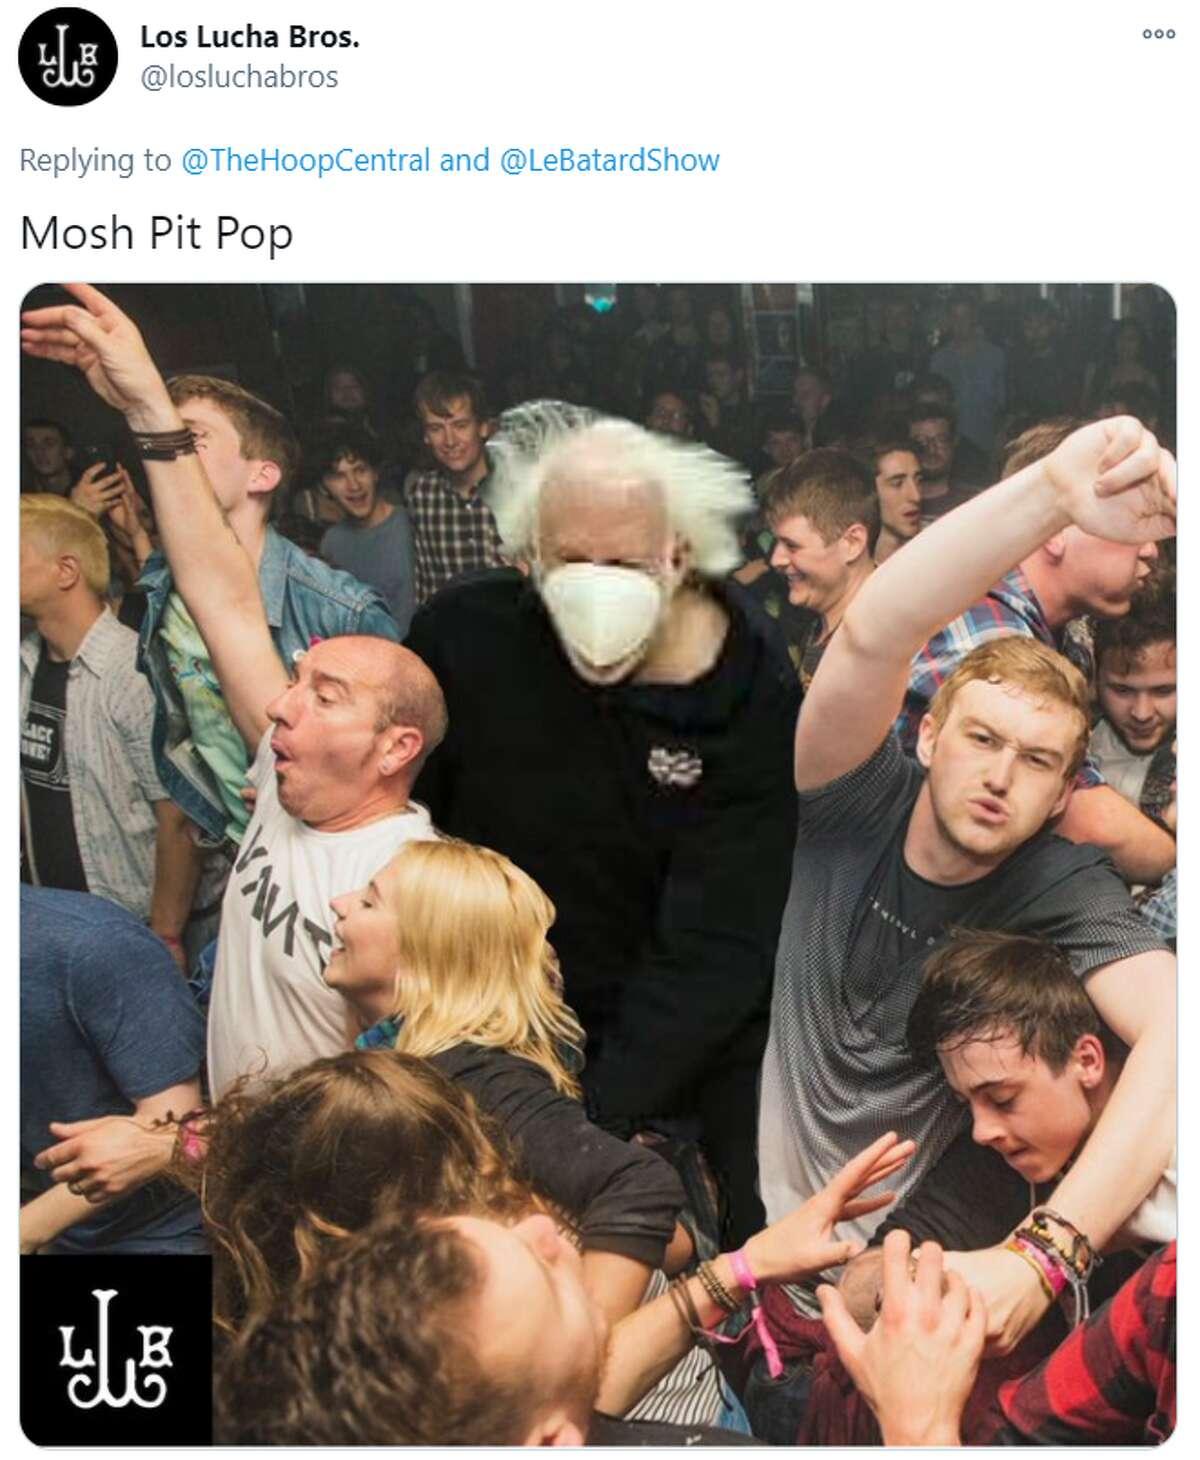 @LosLuchabros: Mosh Pit Pop